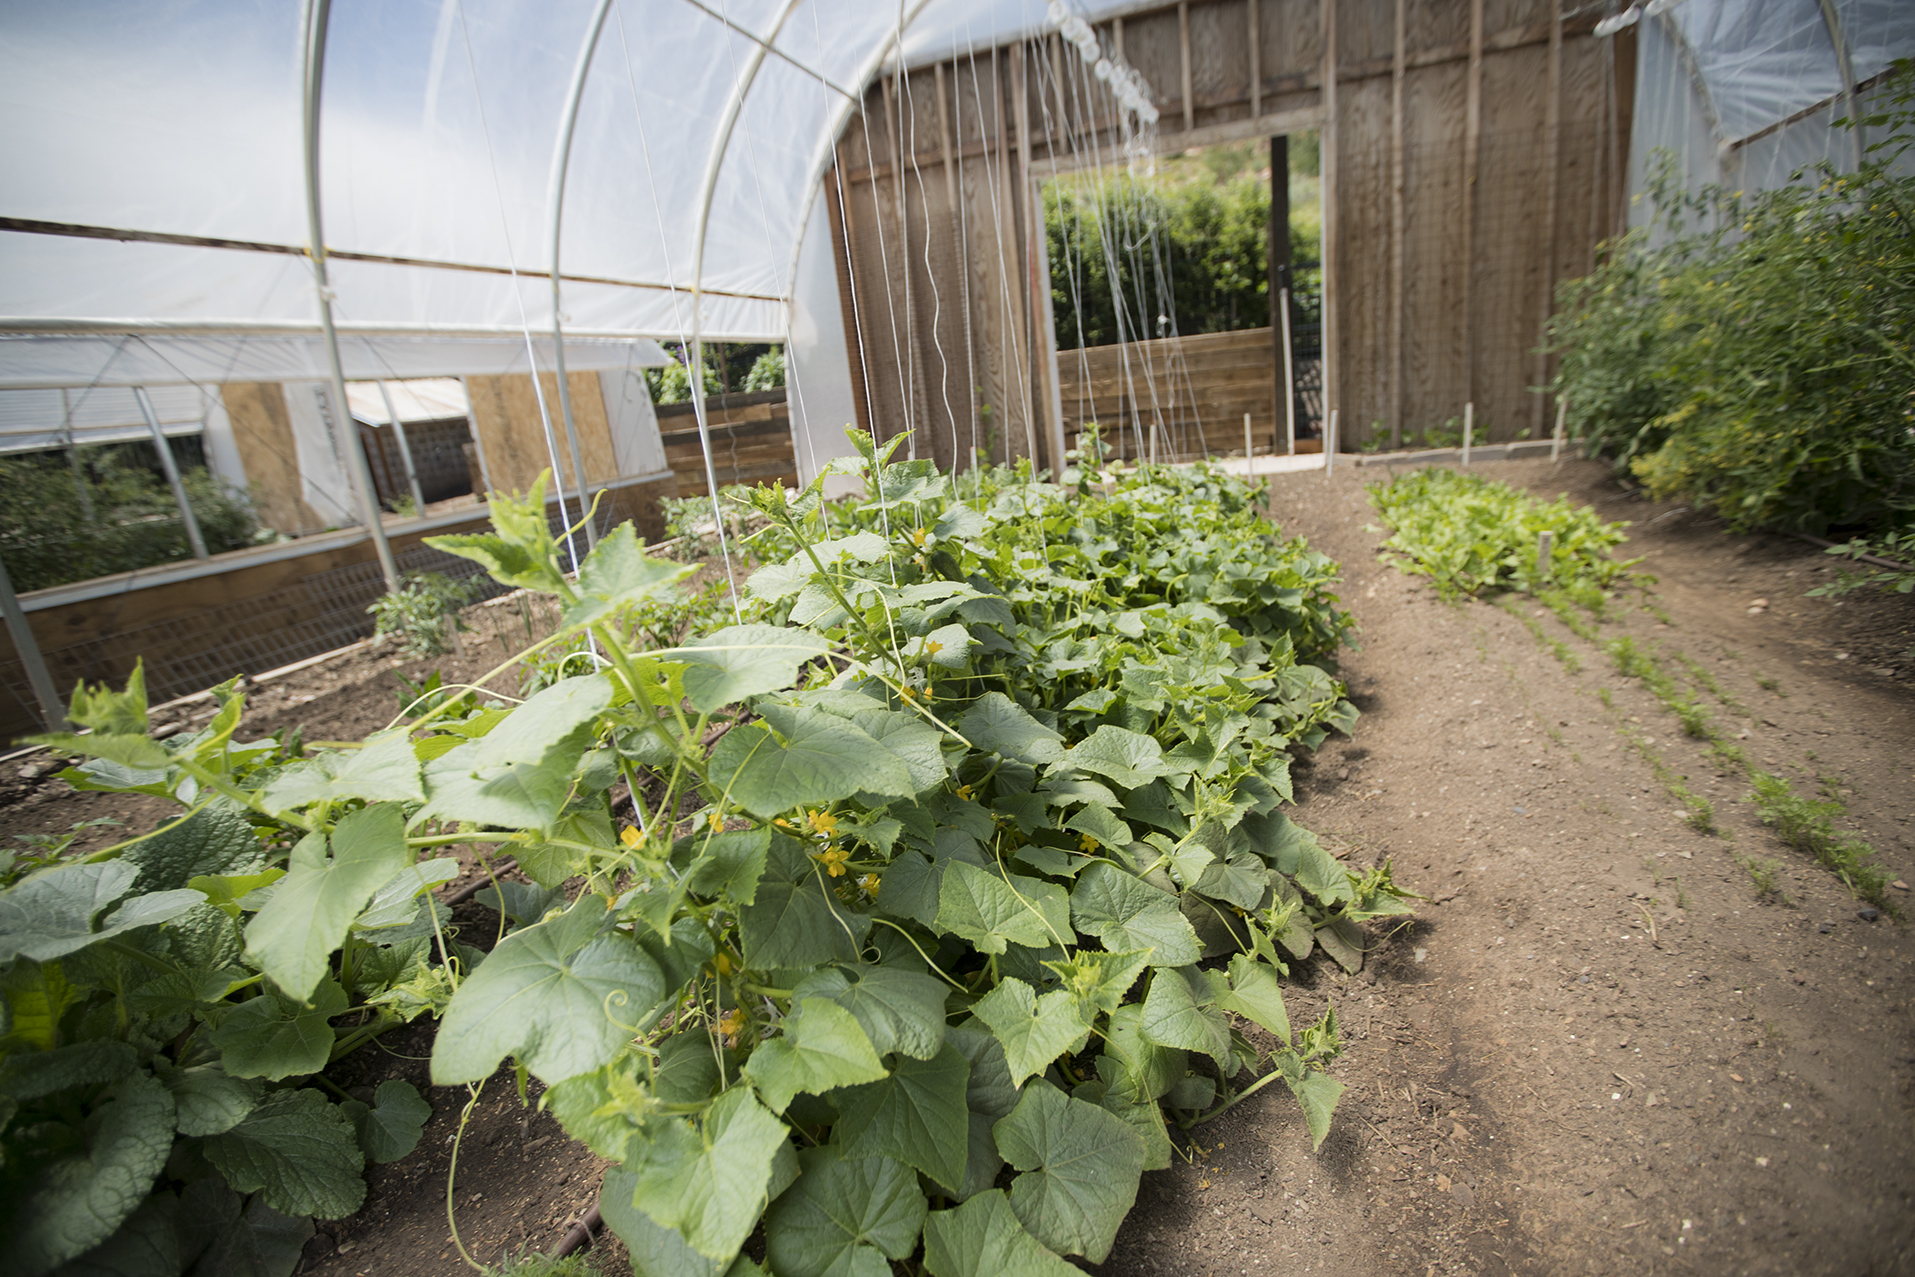 We use hoop houses to grow fresh organic vegetables in Park City, Utah.